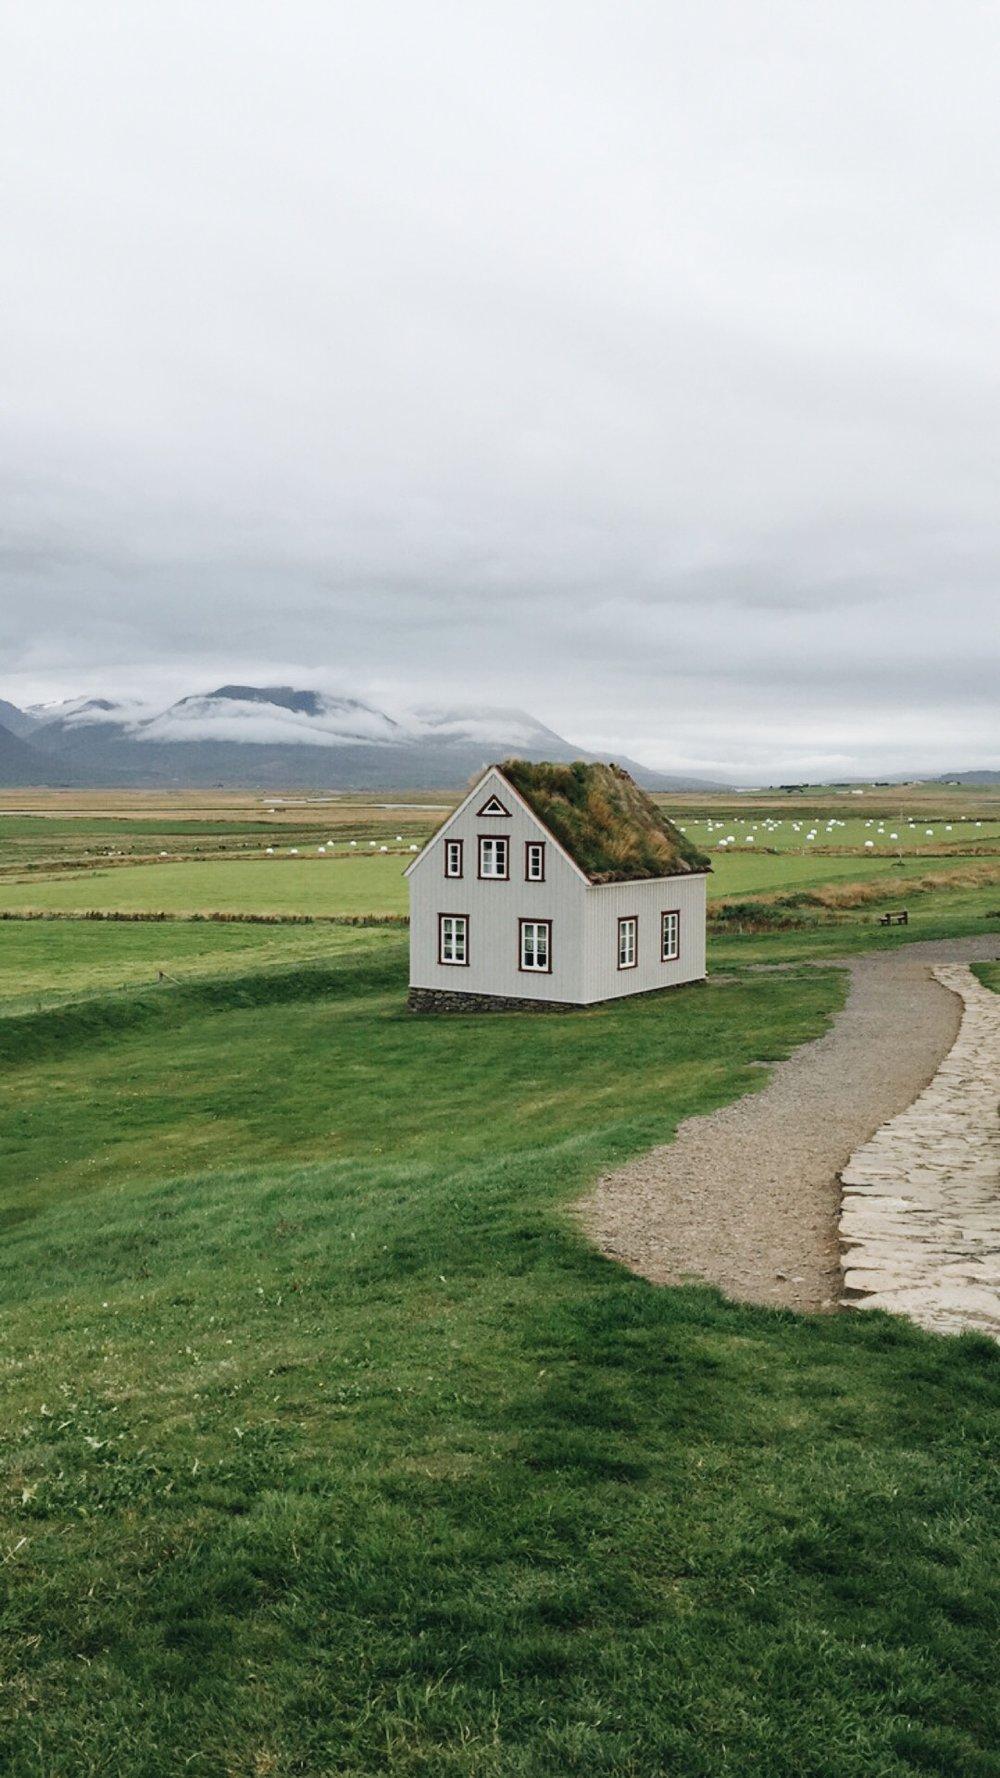 Turf house, West Iceland